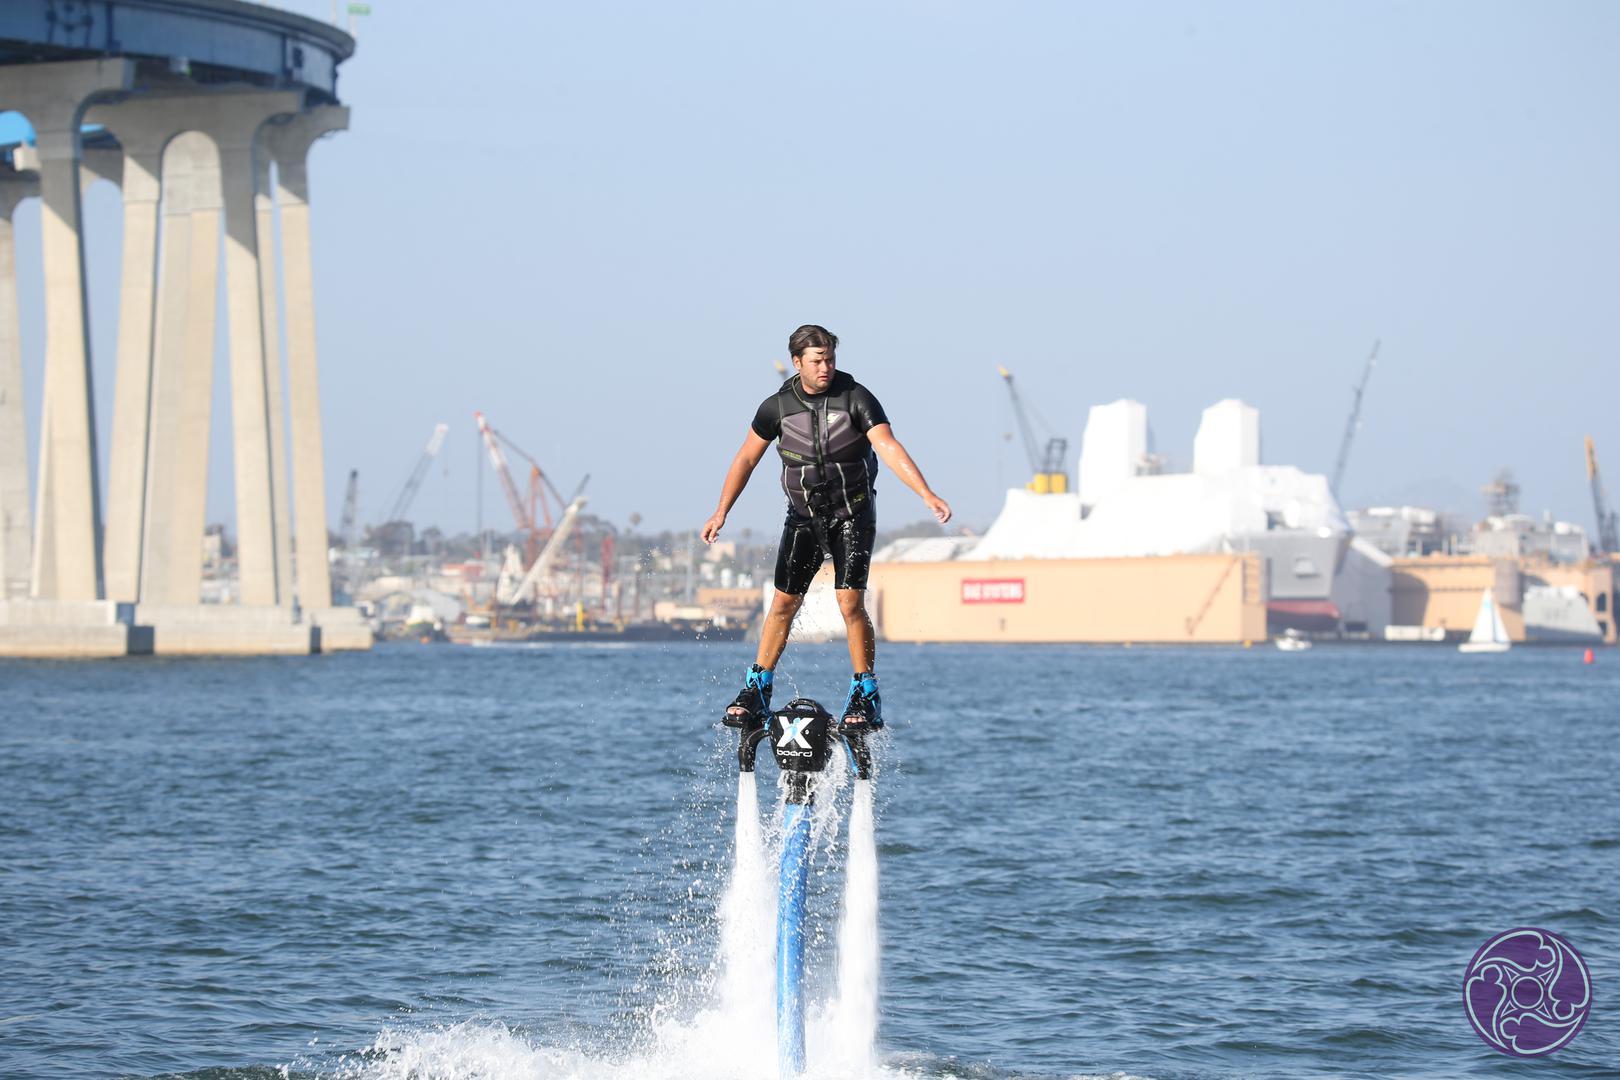 Water aerialist